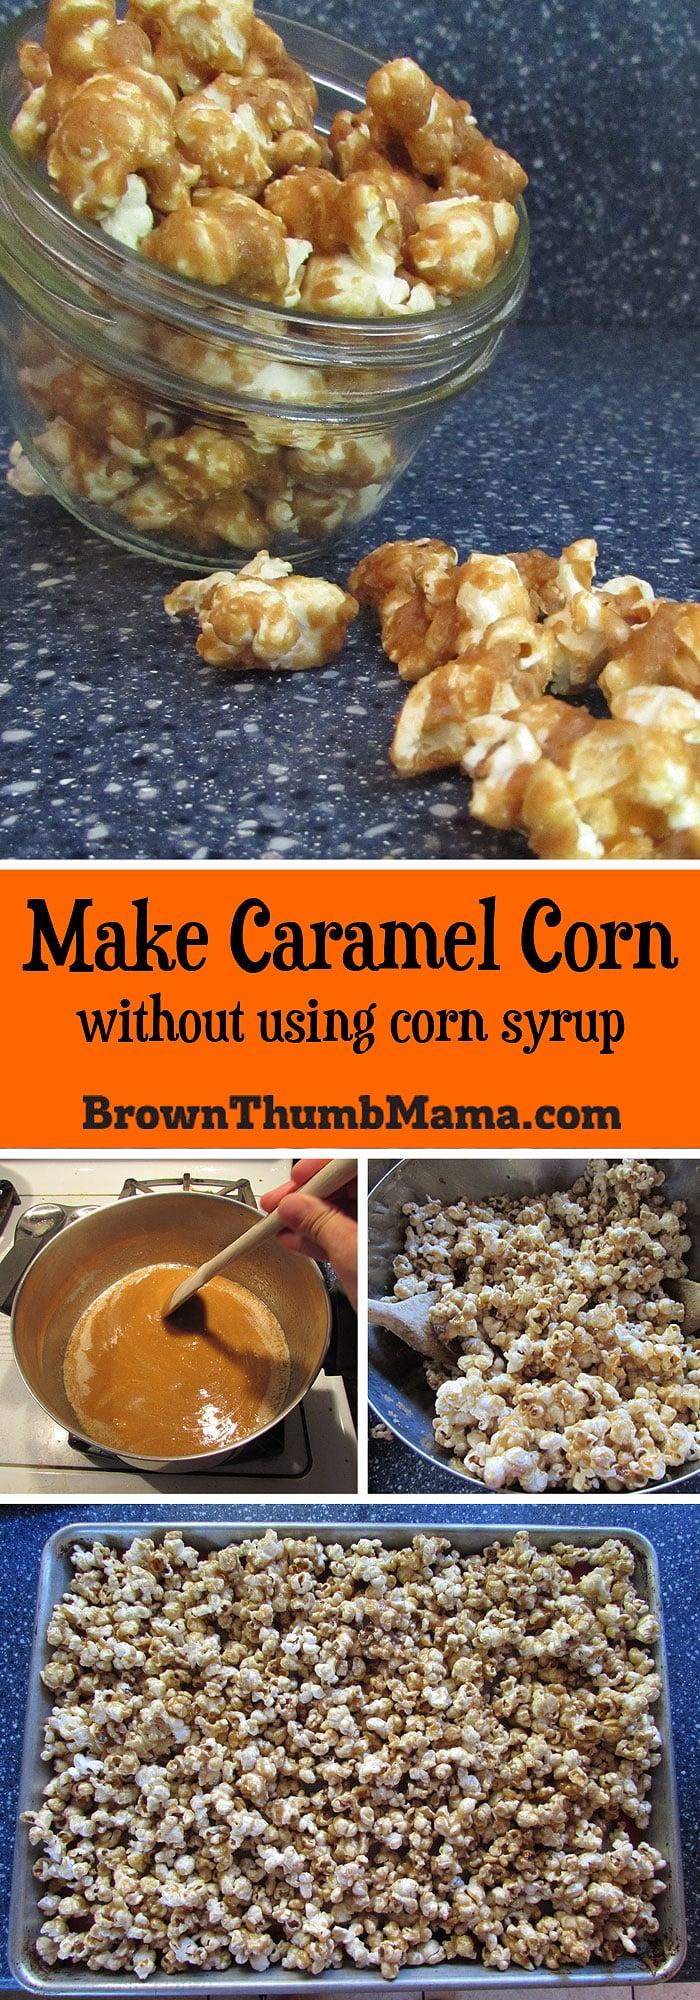 How Do You Make Caramel Corn Test Kitchen